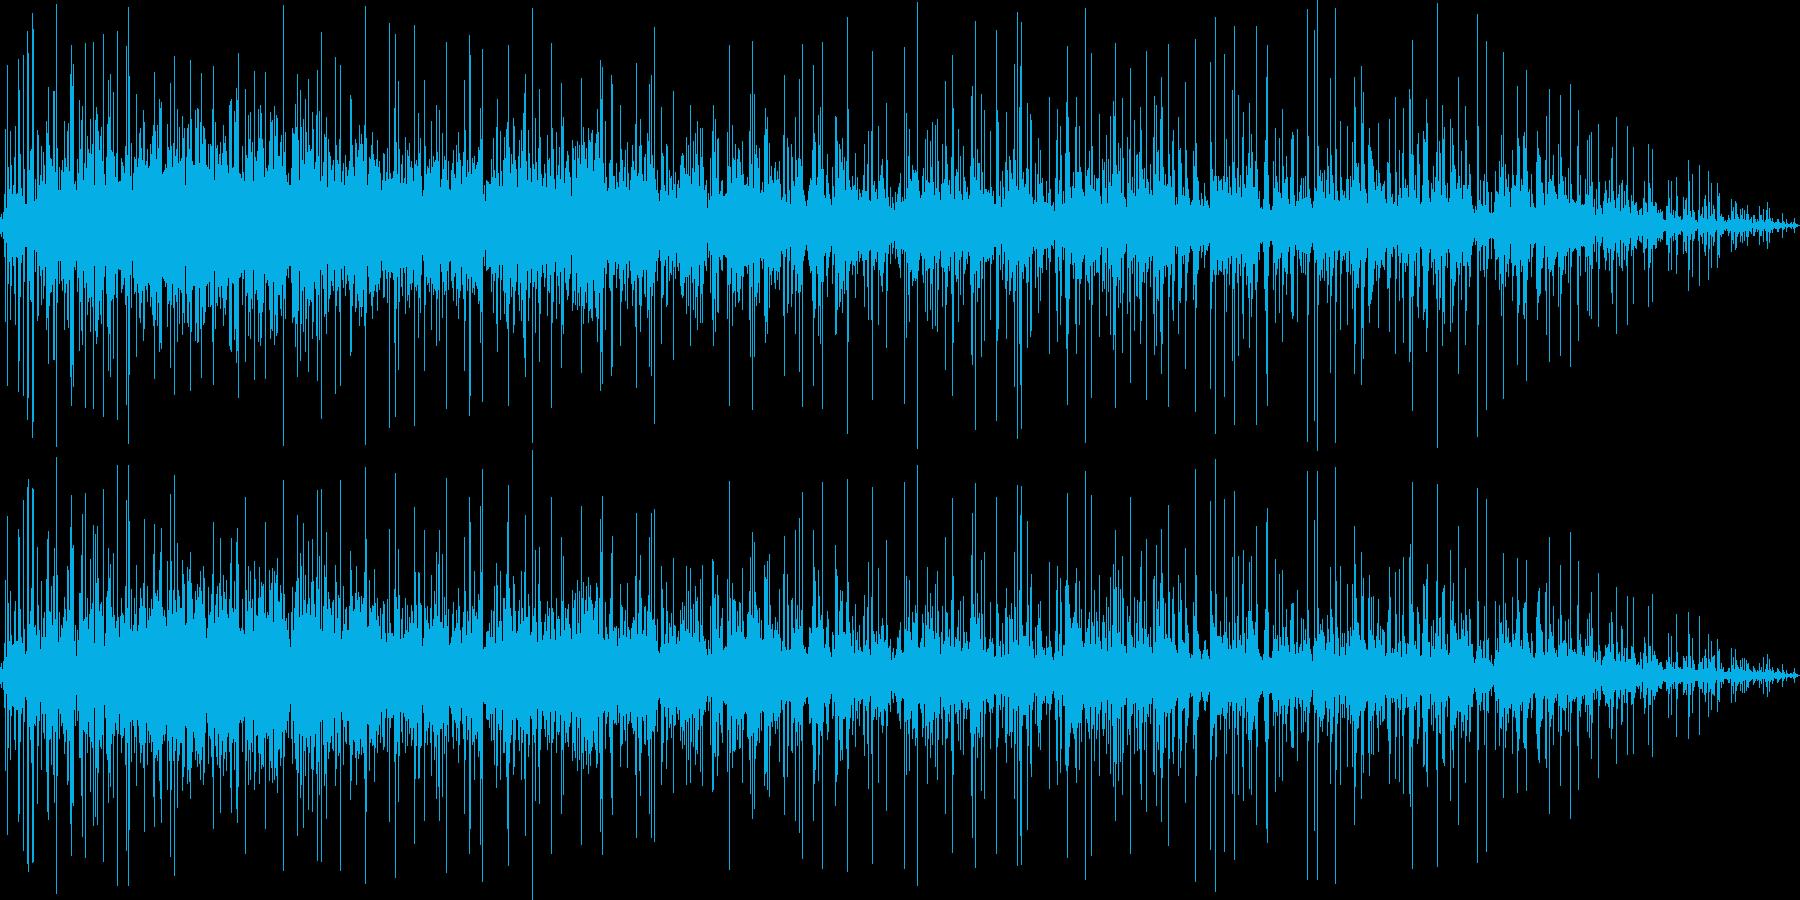 マージャン ジャラジャラ 洗牌音の再生済みの波形